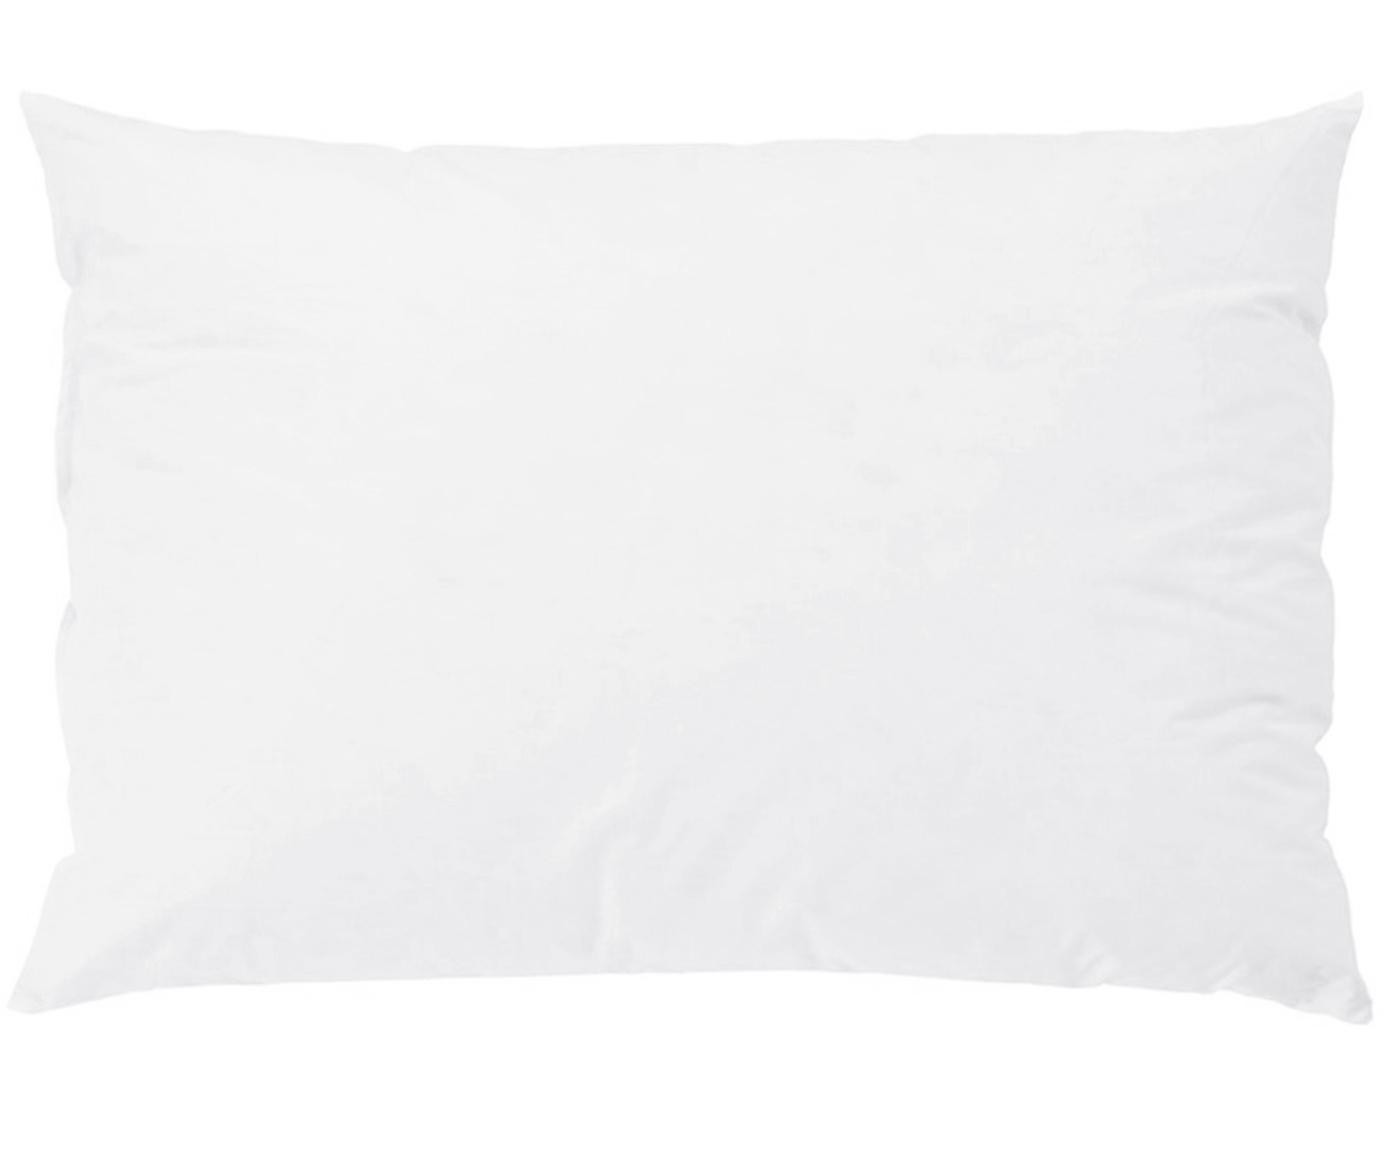 Sierkussenvulling Komfort, 40 x 60, Wit, 40 x 60 cm